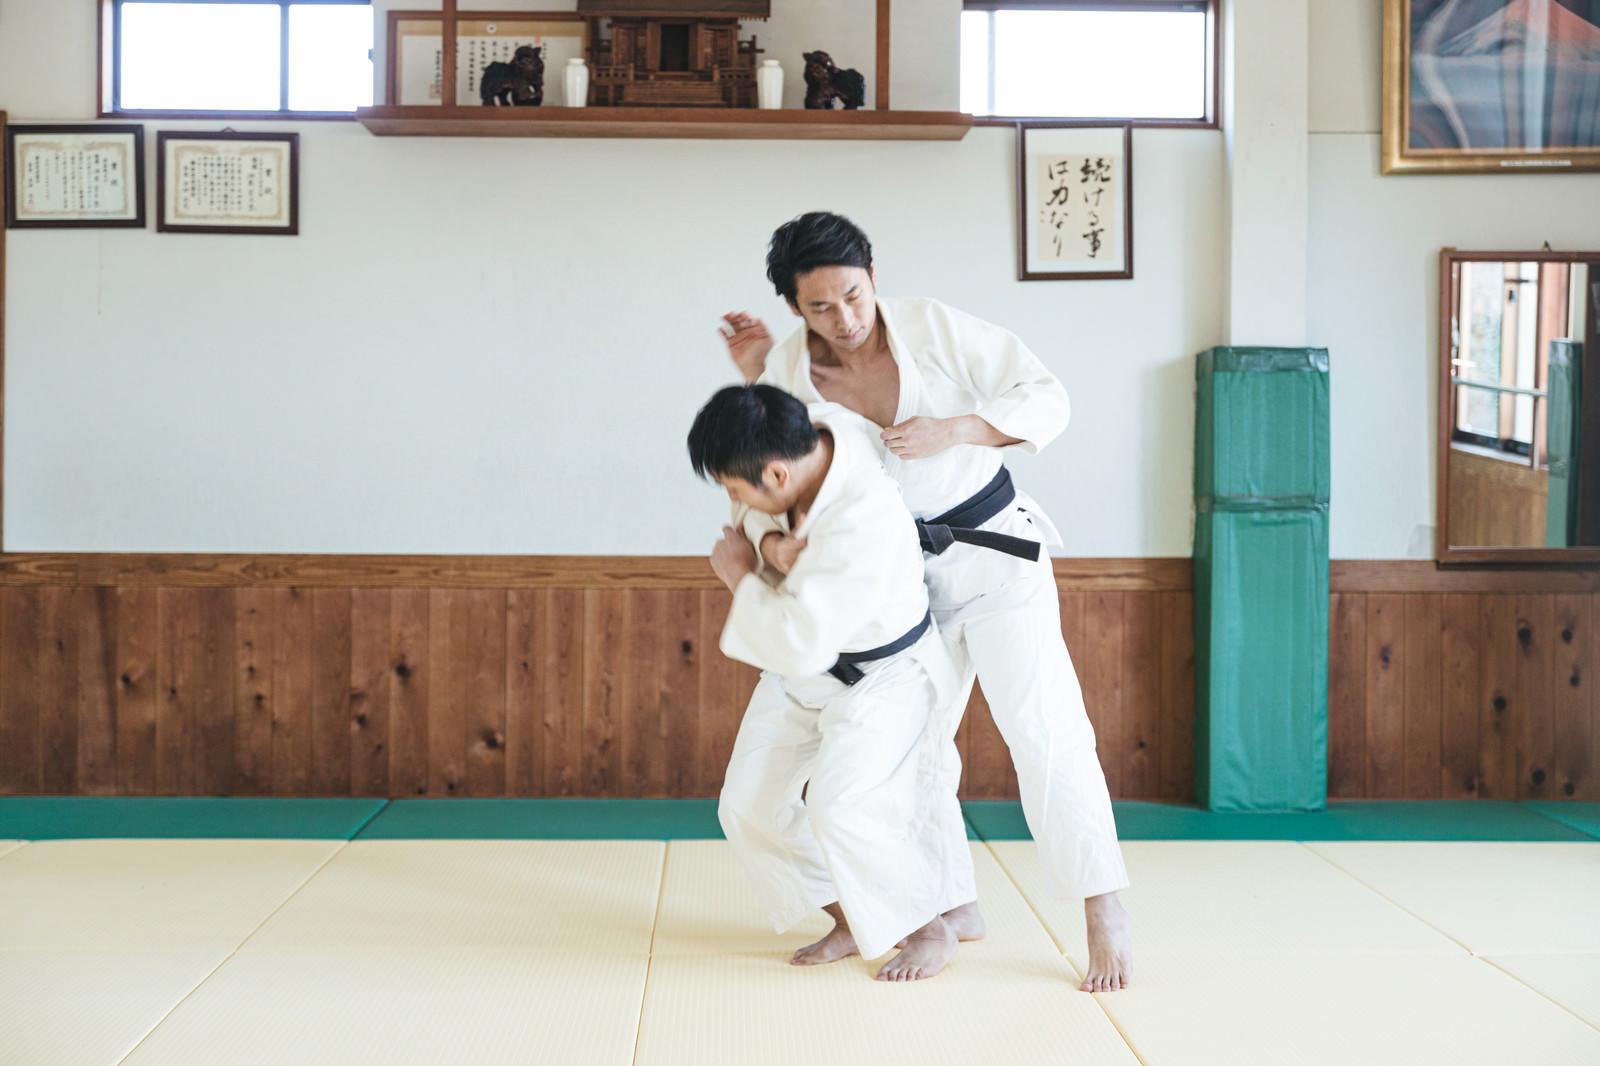 「柔道の投げ技 一本背負い(シーン3)」の写真[モデル:大川竜弥]